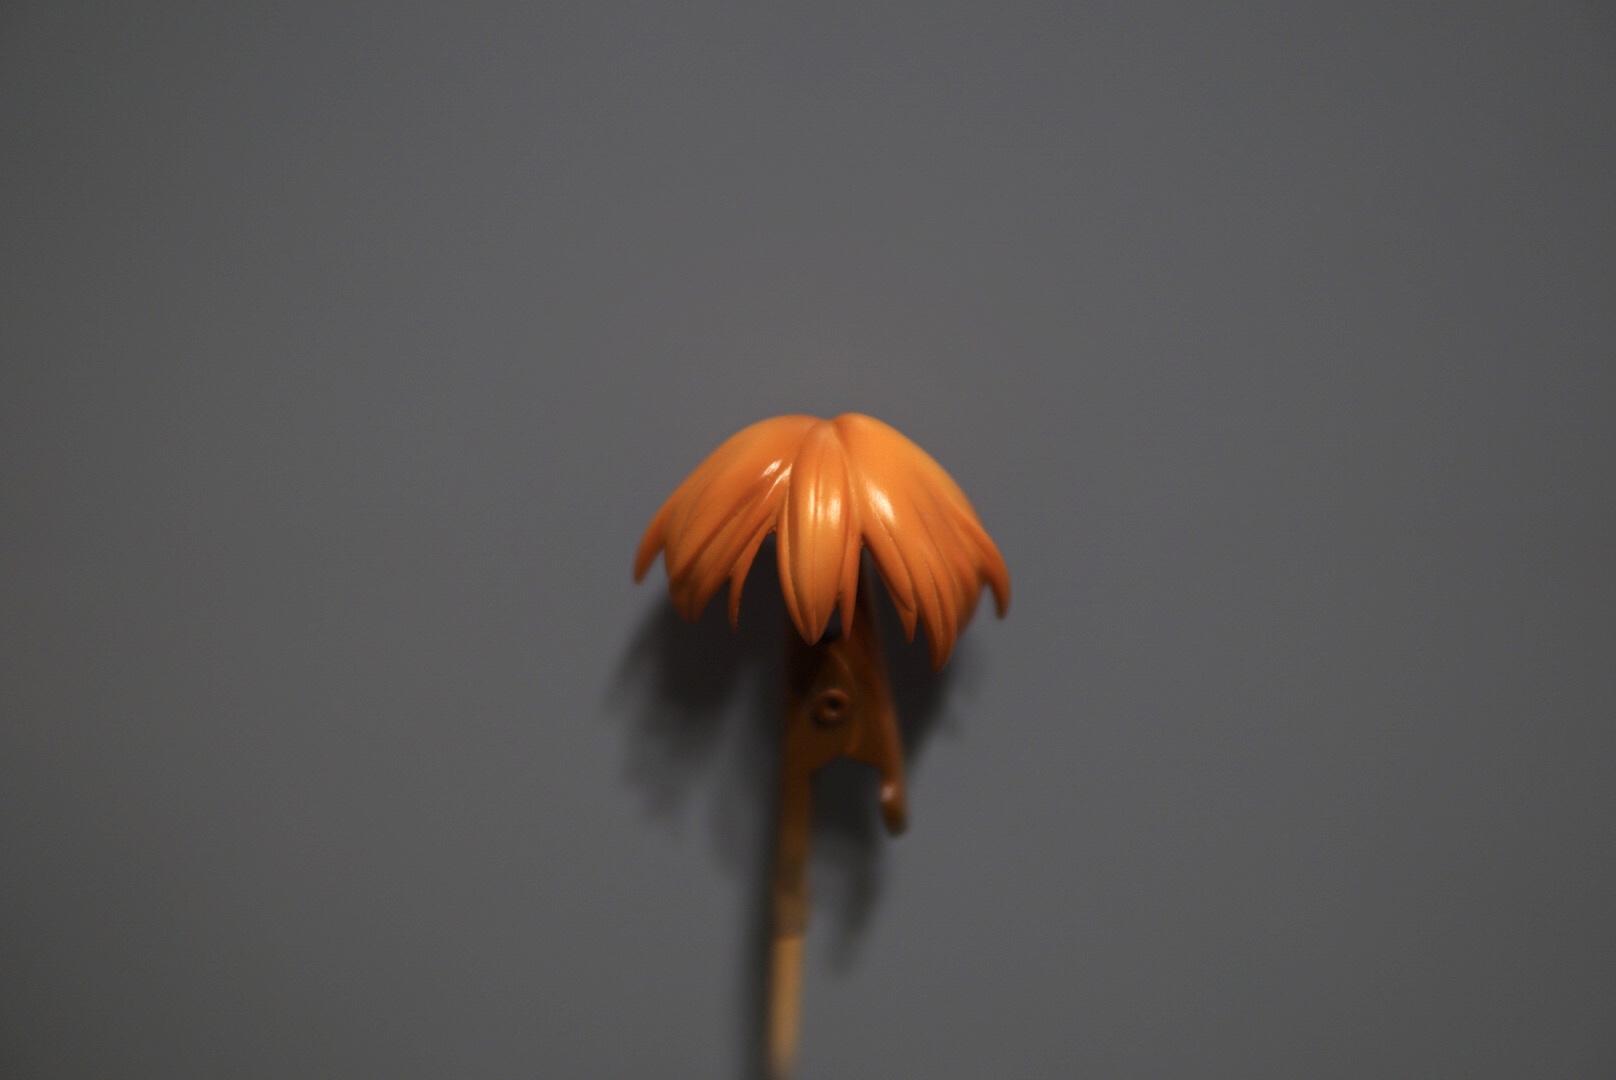 最後にガイアノーツの「クリアーブラウン」を毛先と根元に細吹して立体感を出していきます